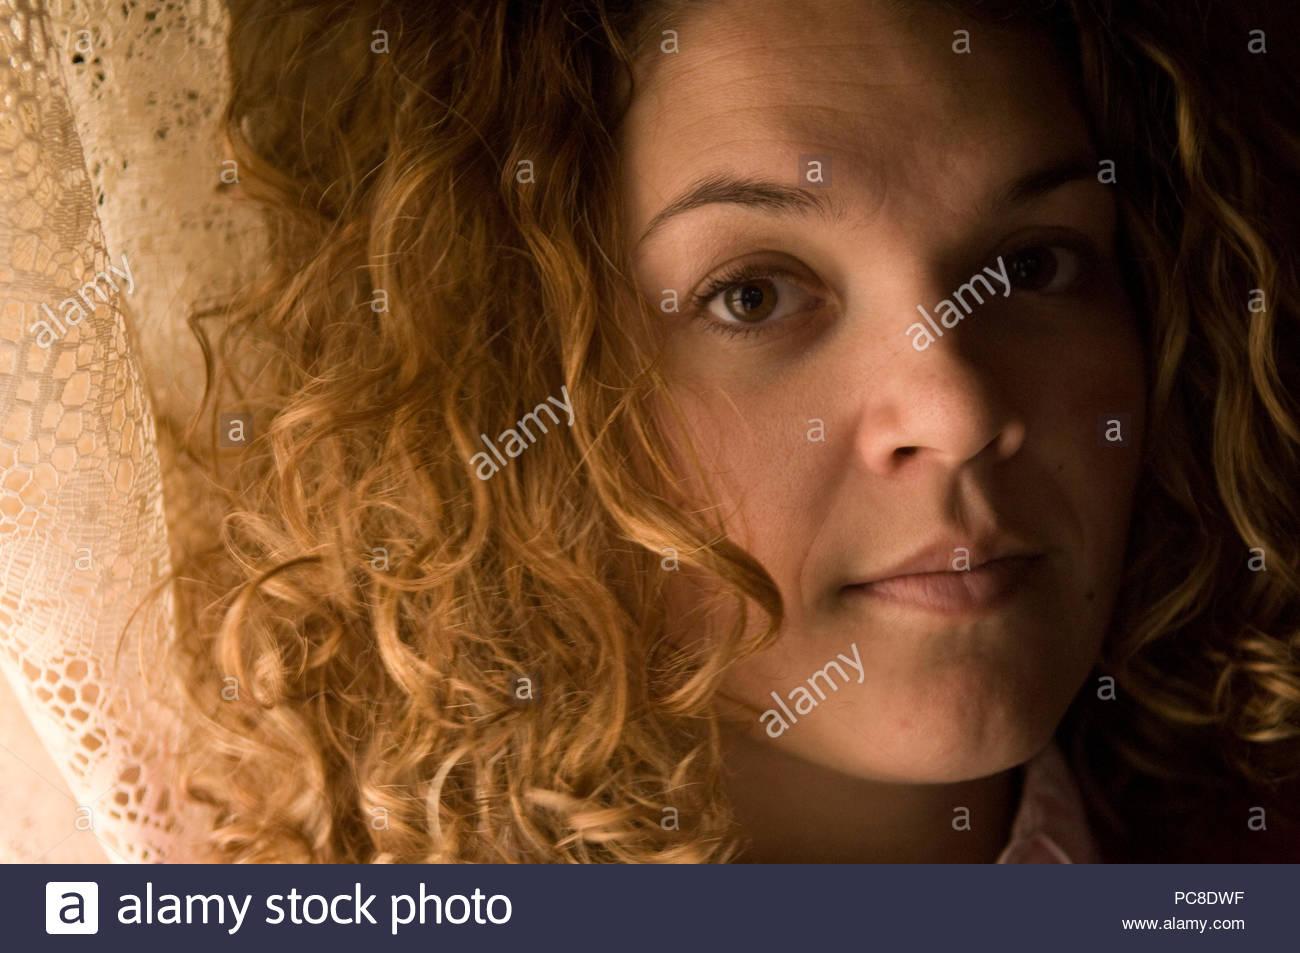 Ritratto di una giovane donna con capelli ricci. Immagini Stock